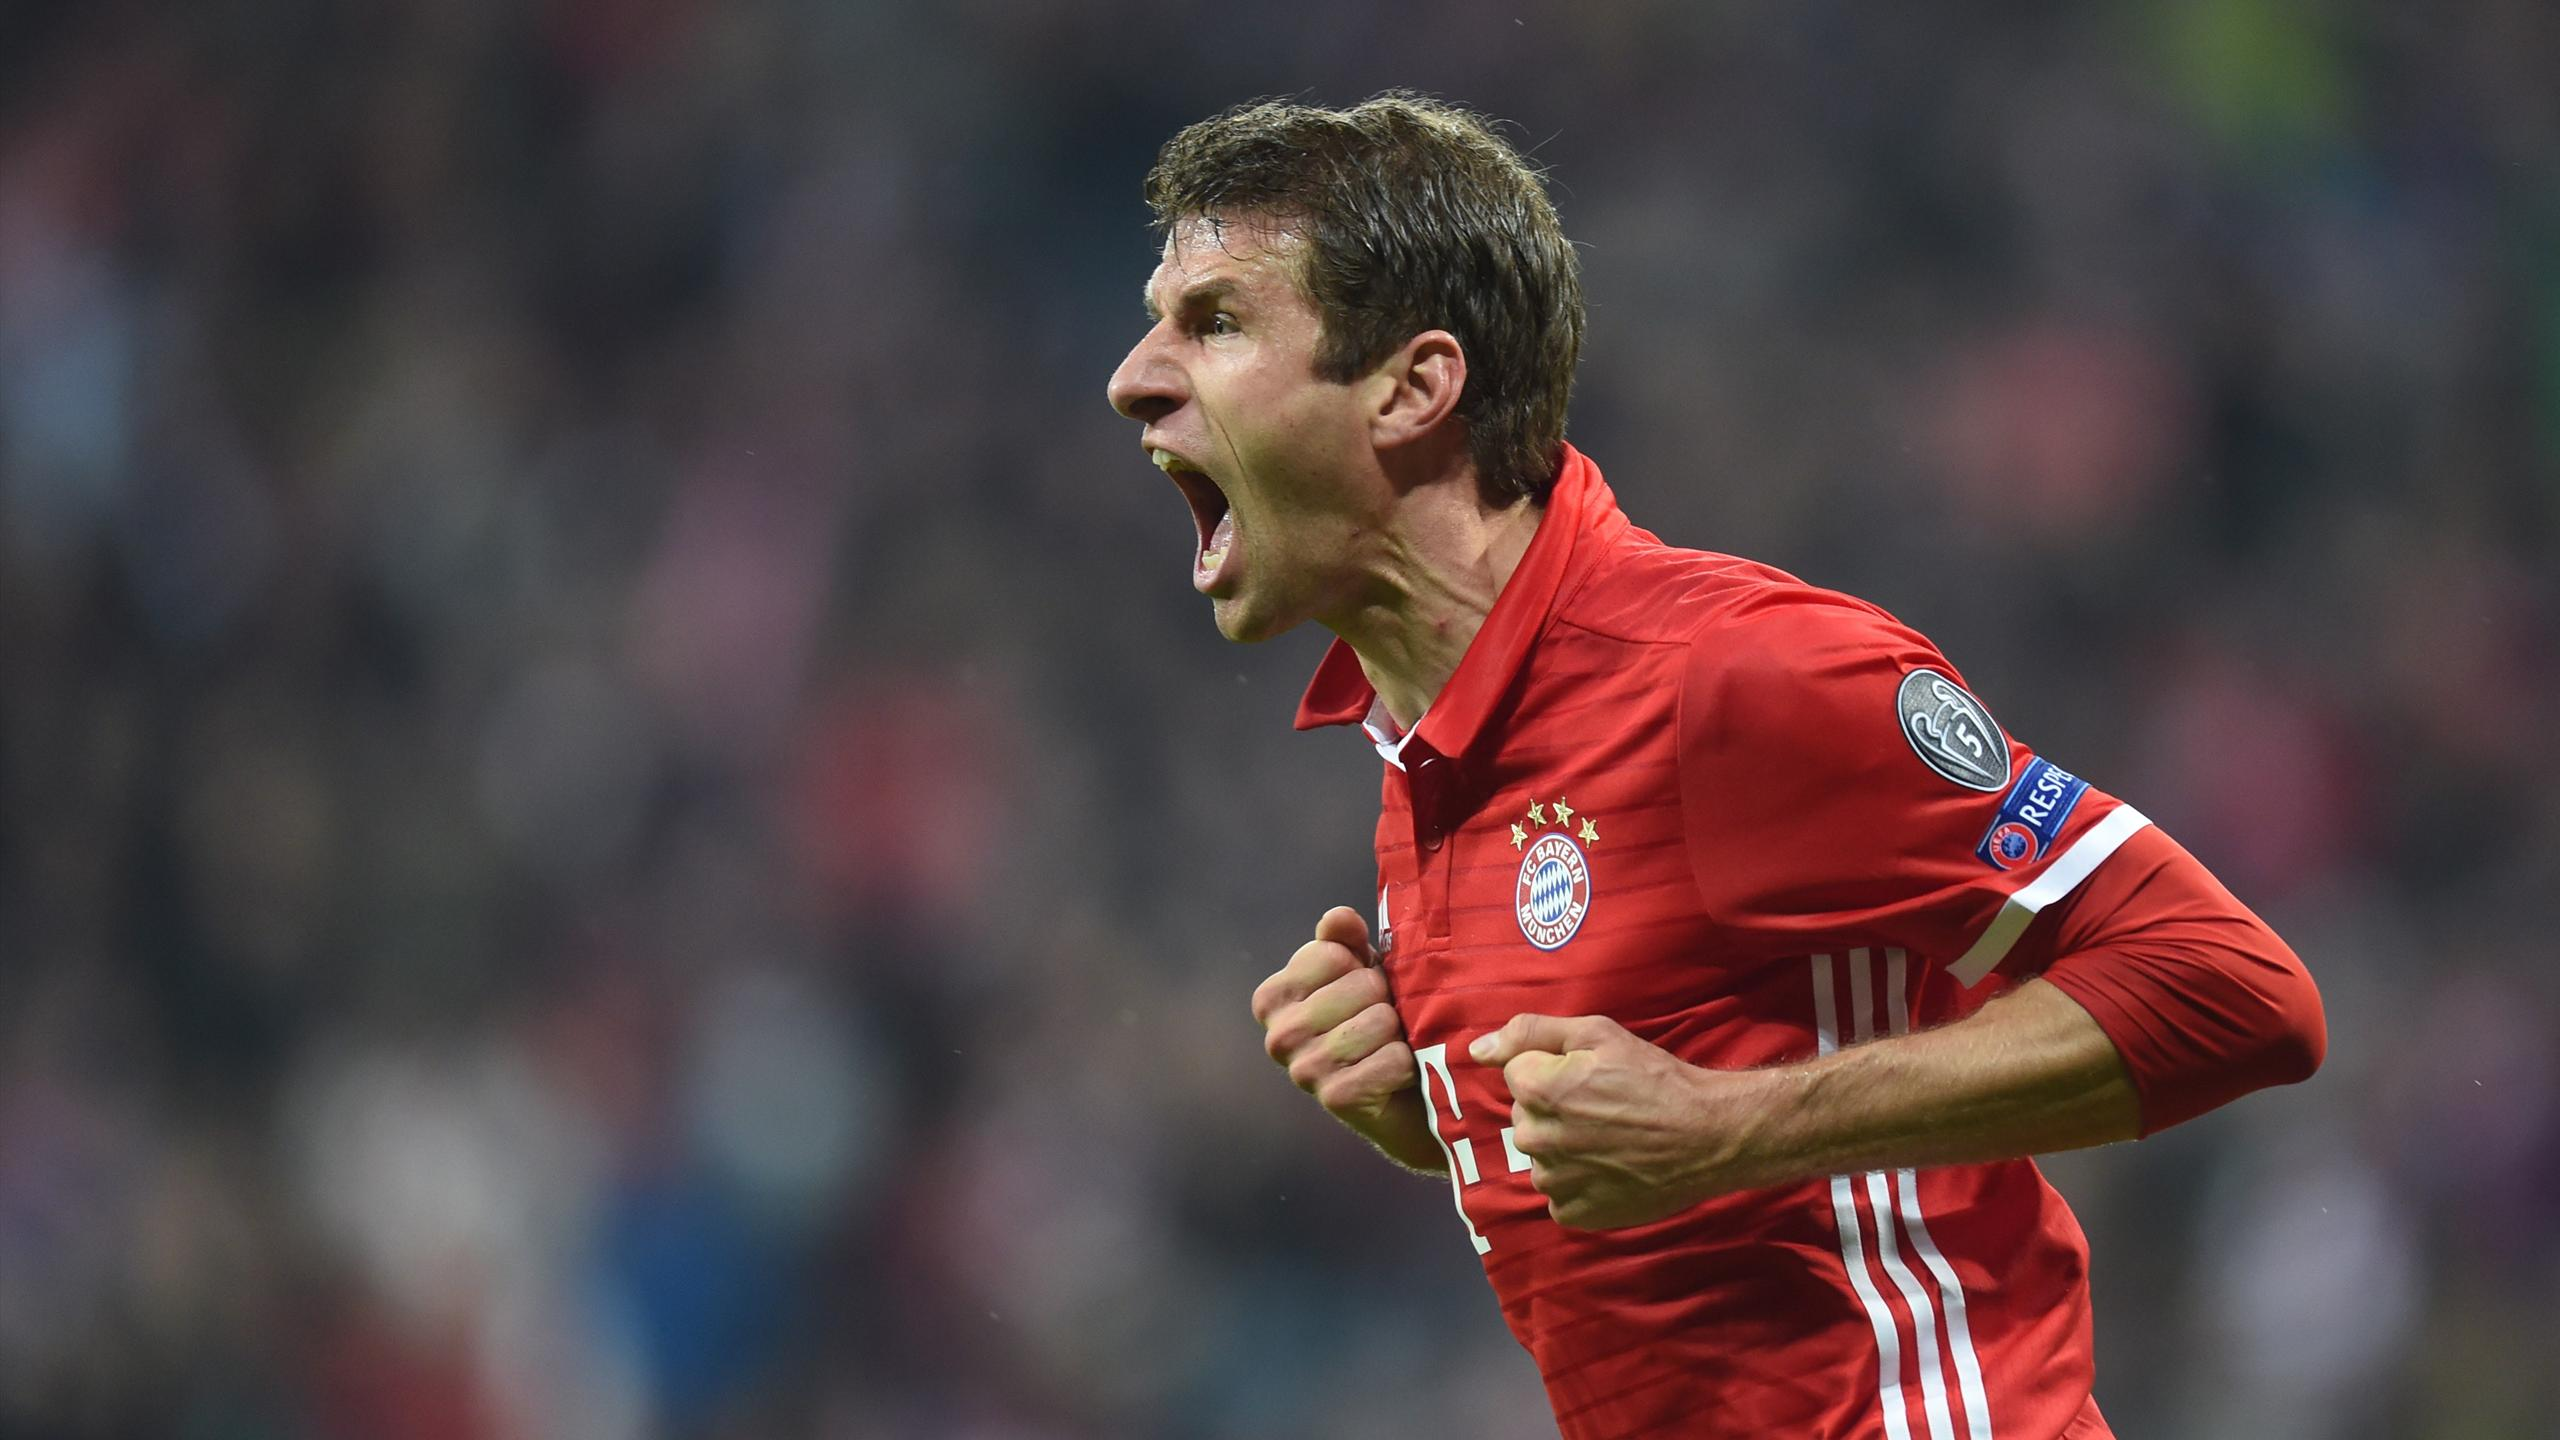 Thomas Mûller, l'attaquant du Bayern Munich, a ouvert le score face au PSV Eindhoven.